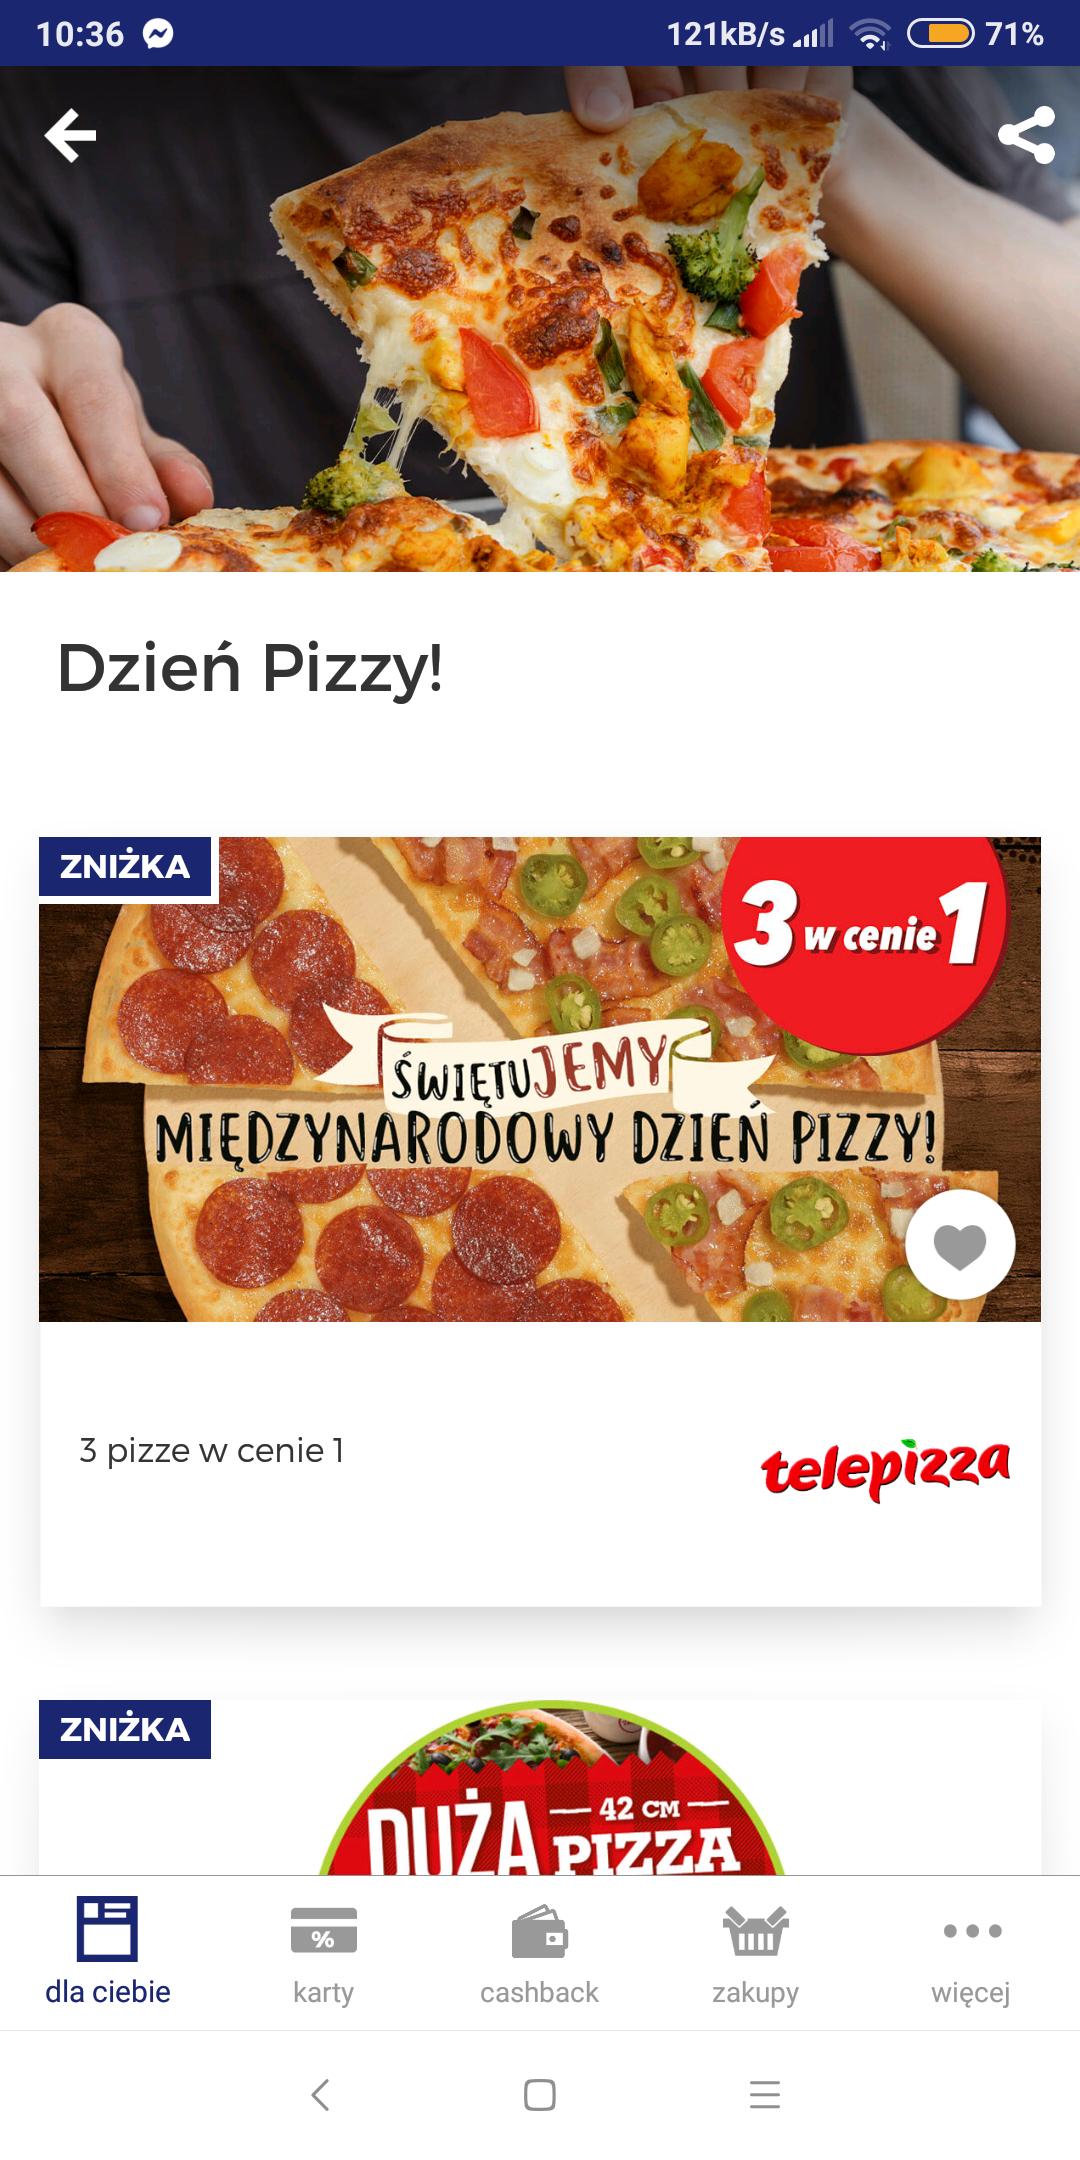 Telepizza 3 picki w cenie 1